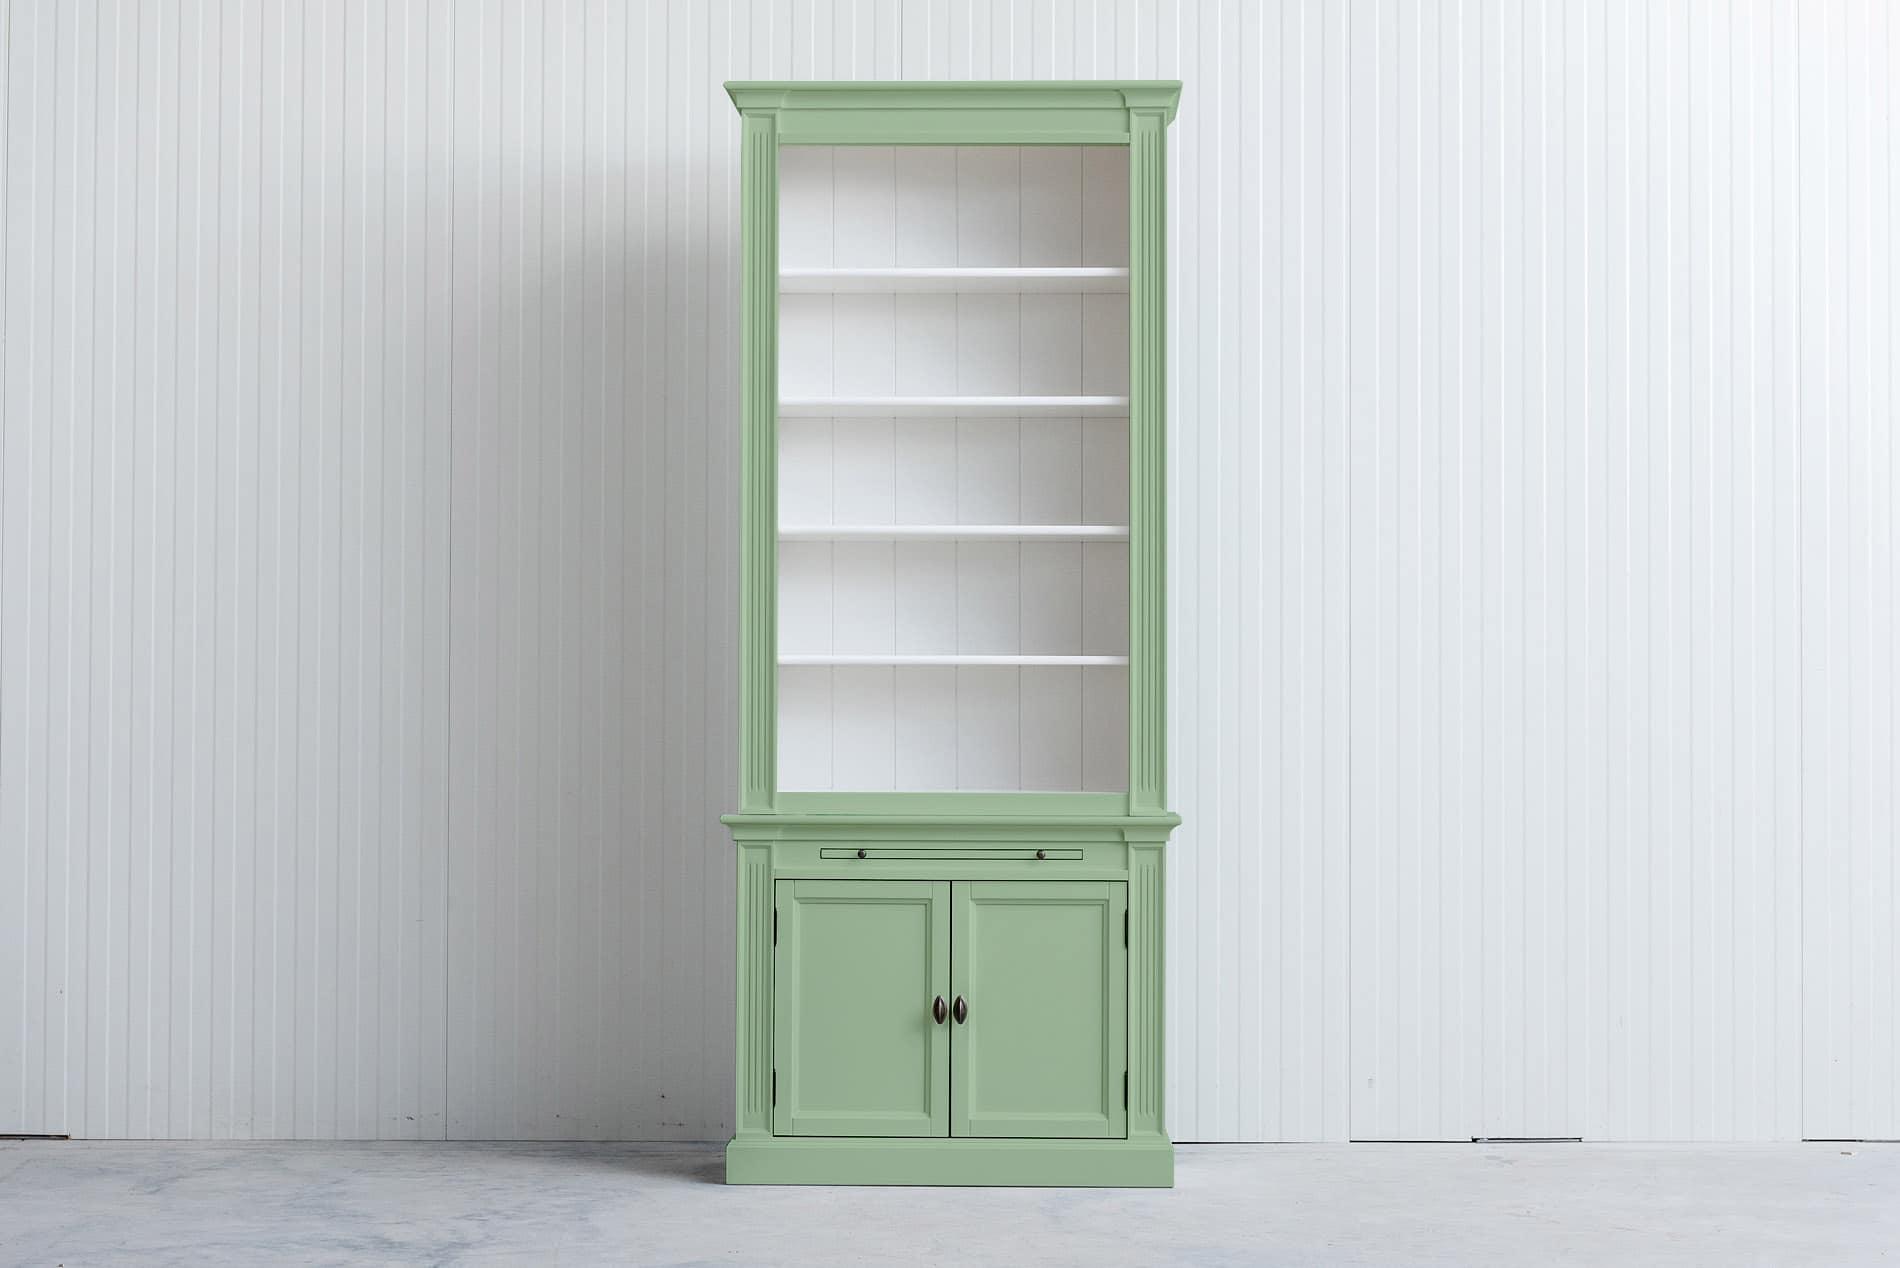 Landelijke boekenkast 1 m – Witgroen – RAL6019